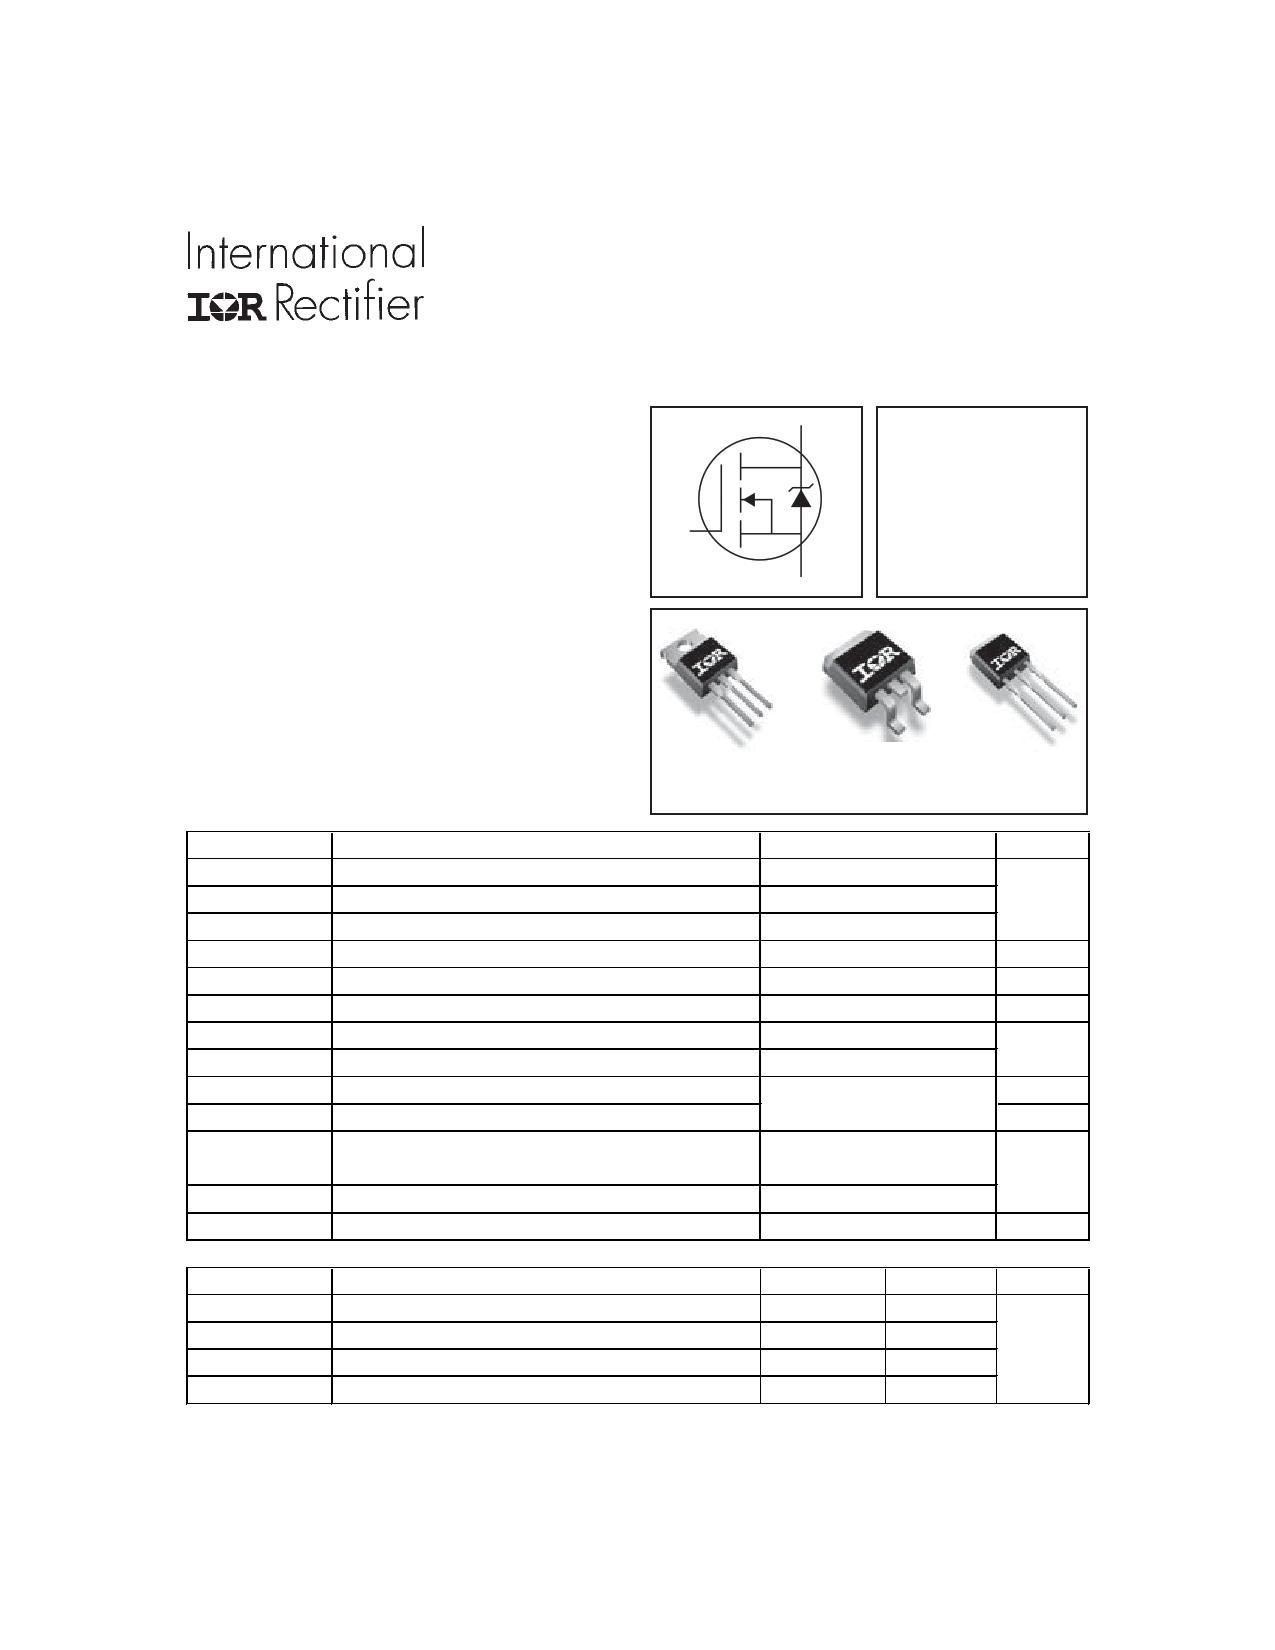 IRFZ46Z Datasheet, IRFZ46Z PDF,ピン配置, 機能